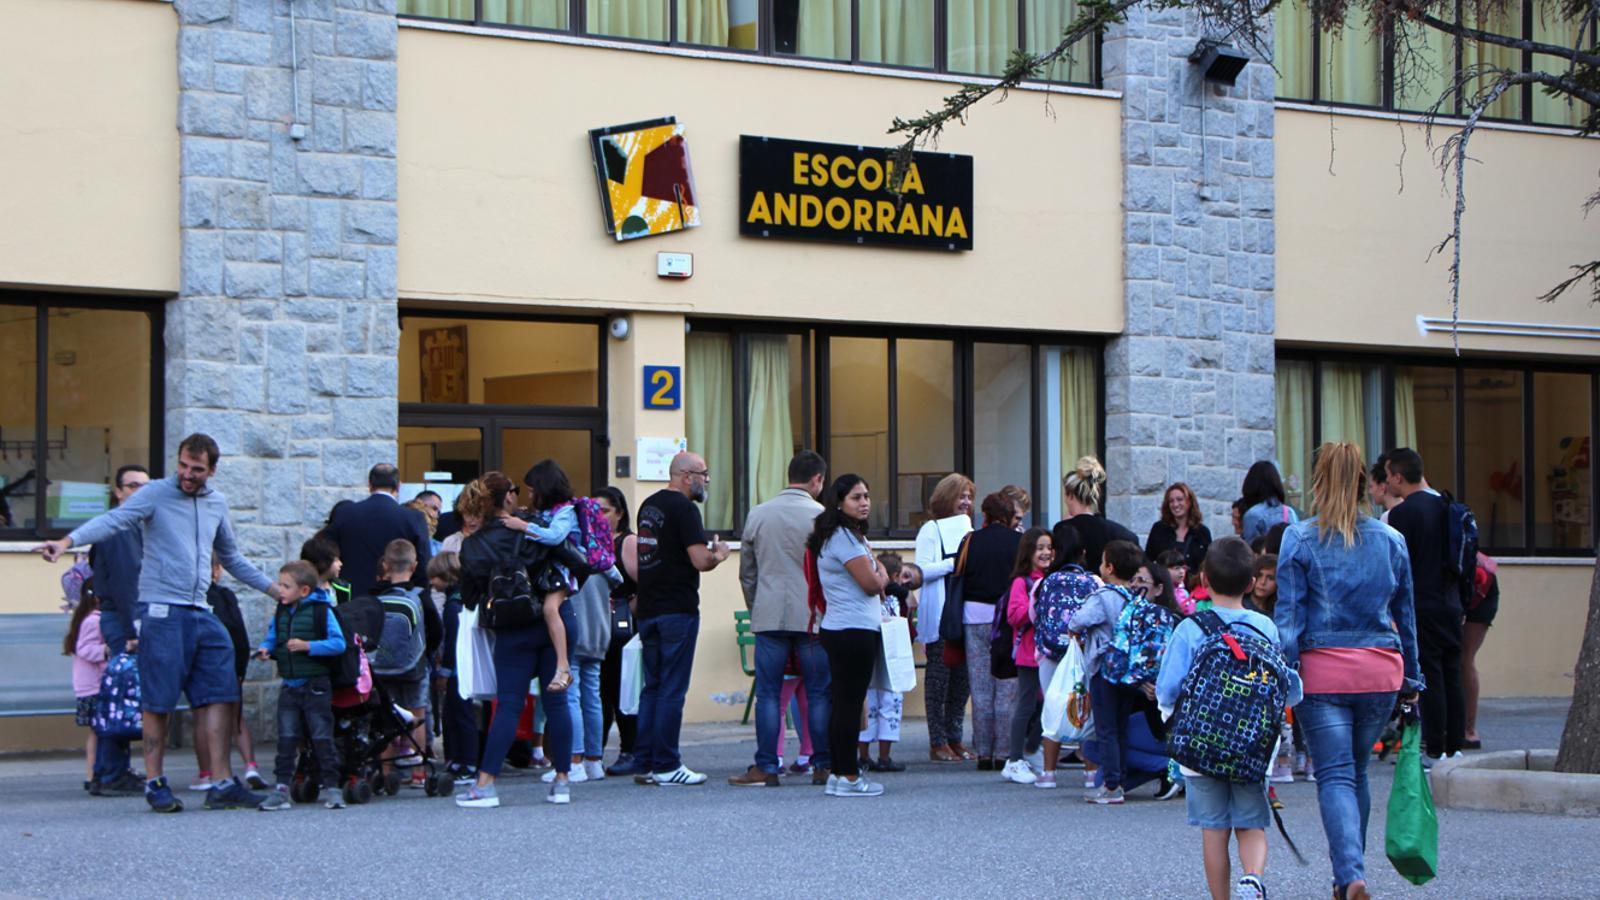 Estudiants i familiars a les portes de l'escola andorrana de Sant Julià de Lòria. / M. F. (ANA)